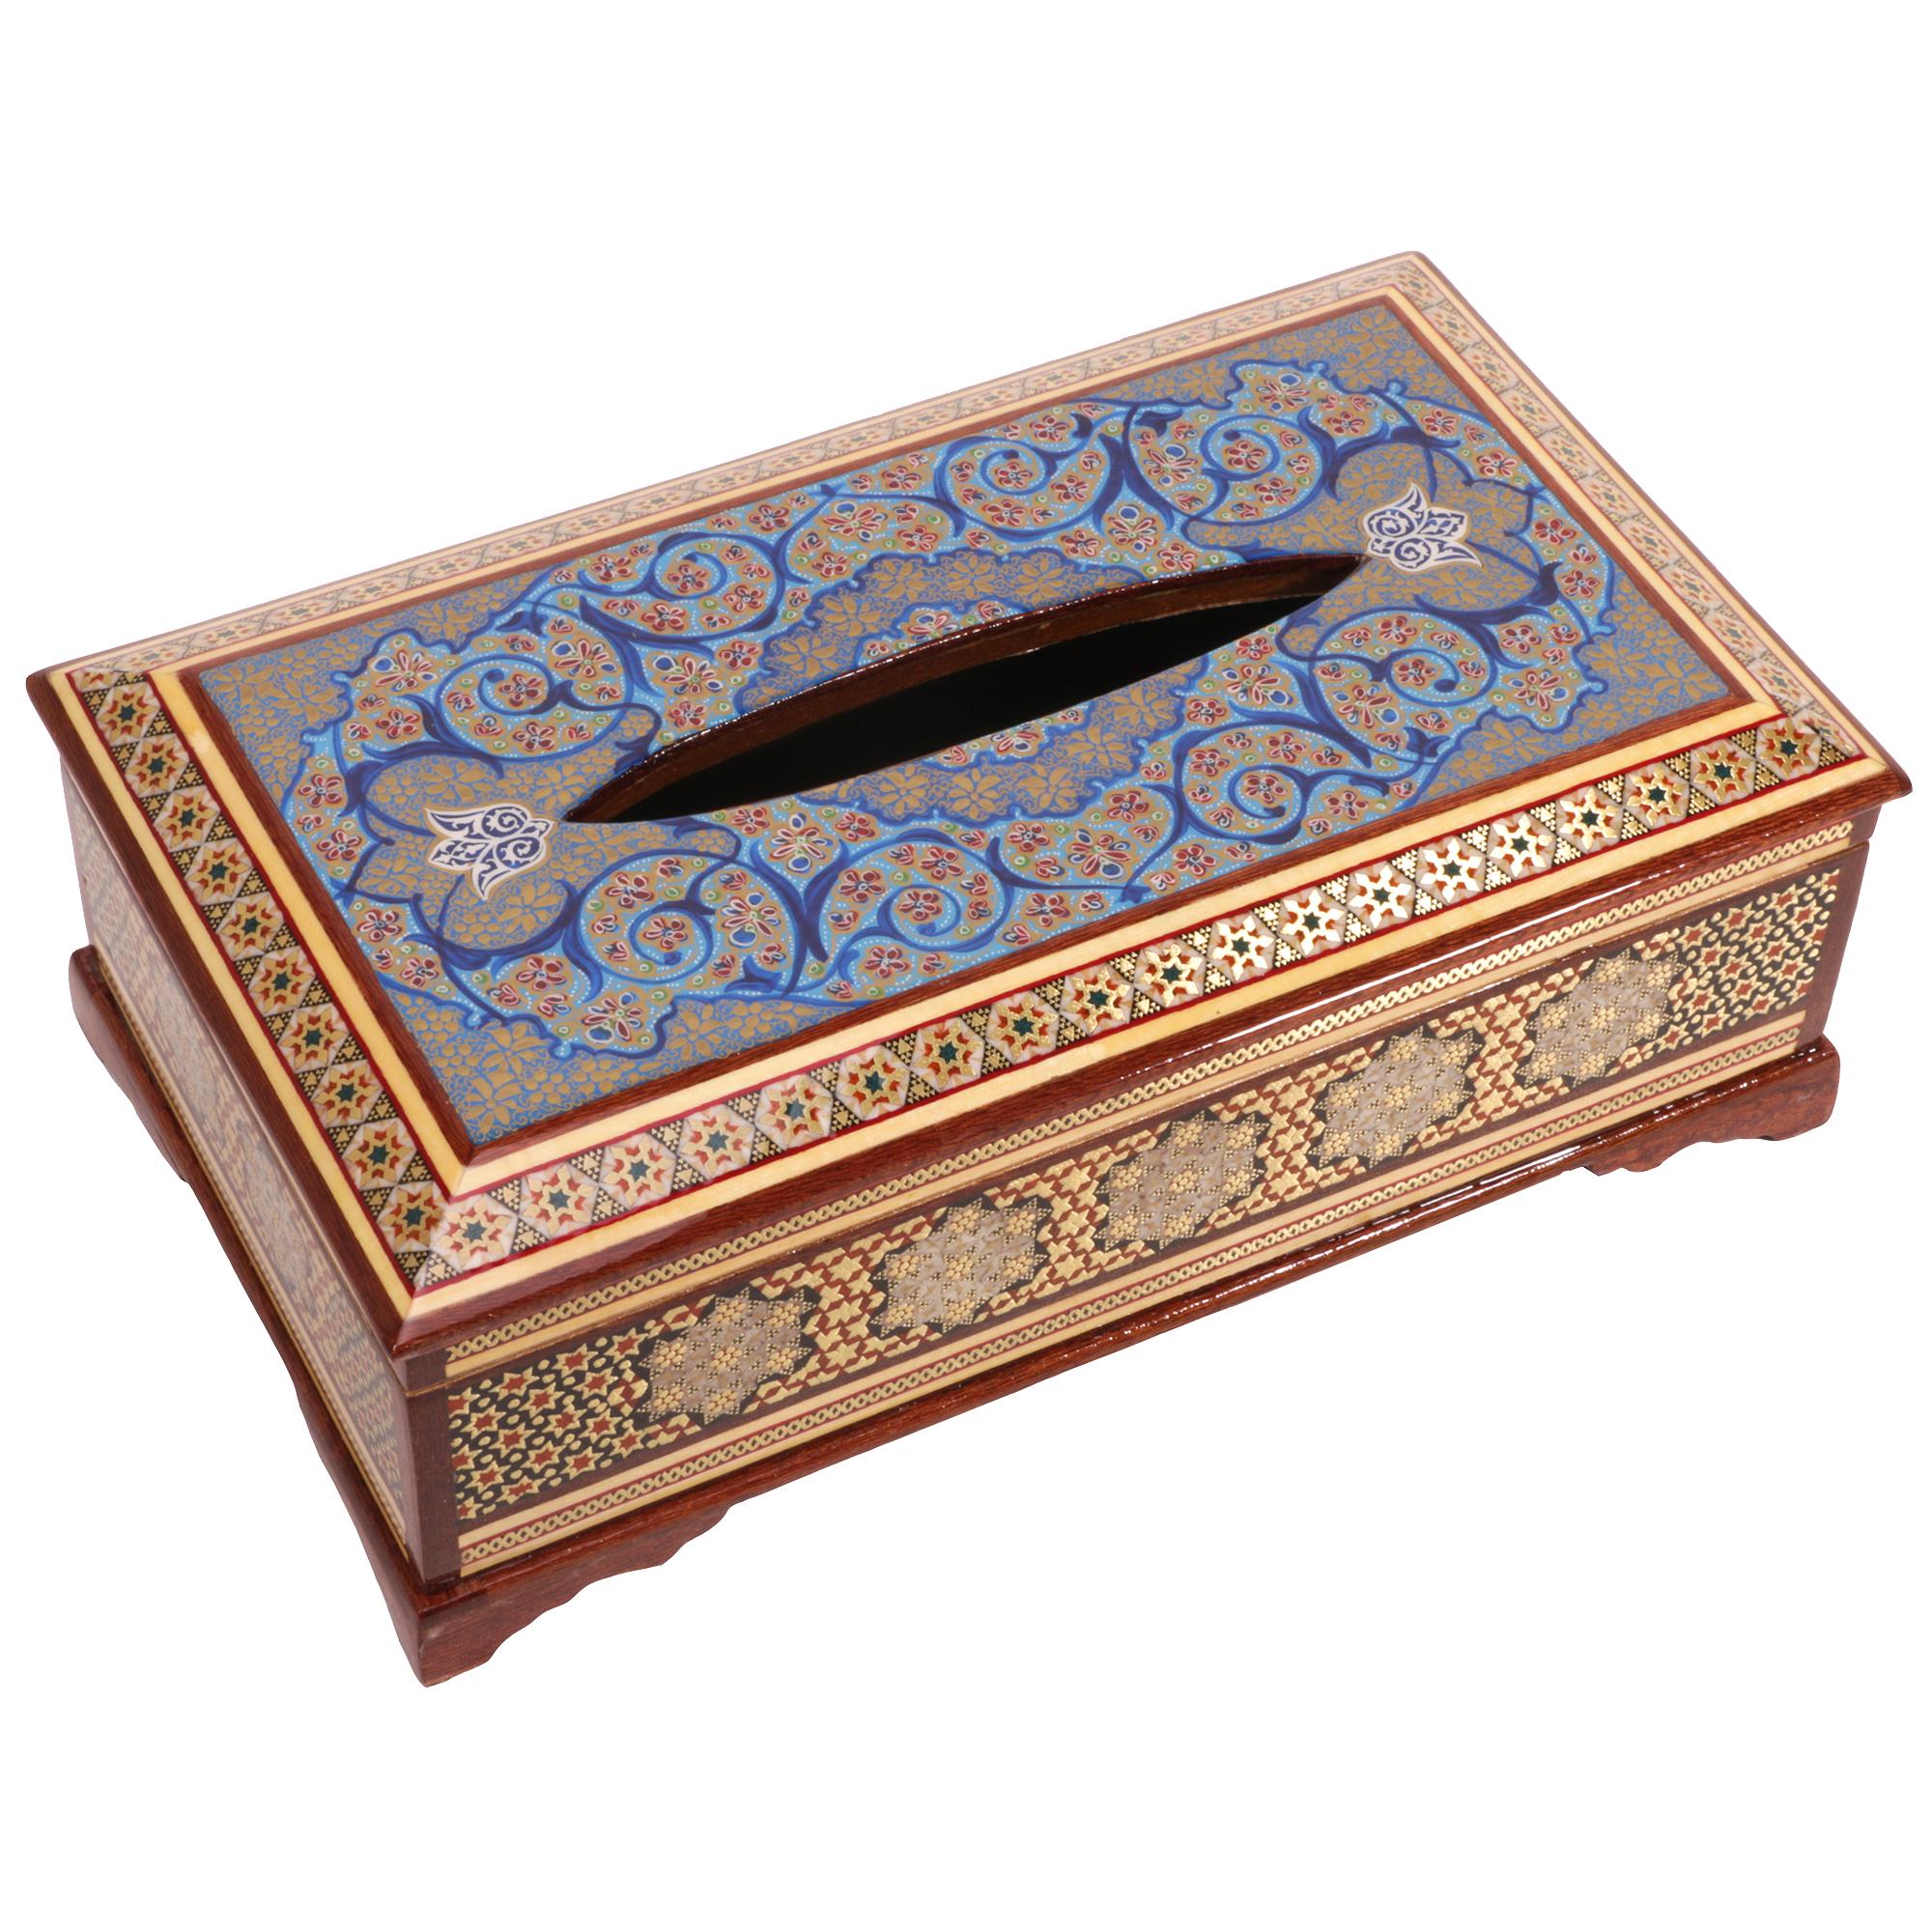 جعبه دستمال کاغذی خاتم کاری گالری گوهران مدل 169